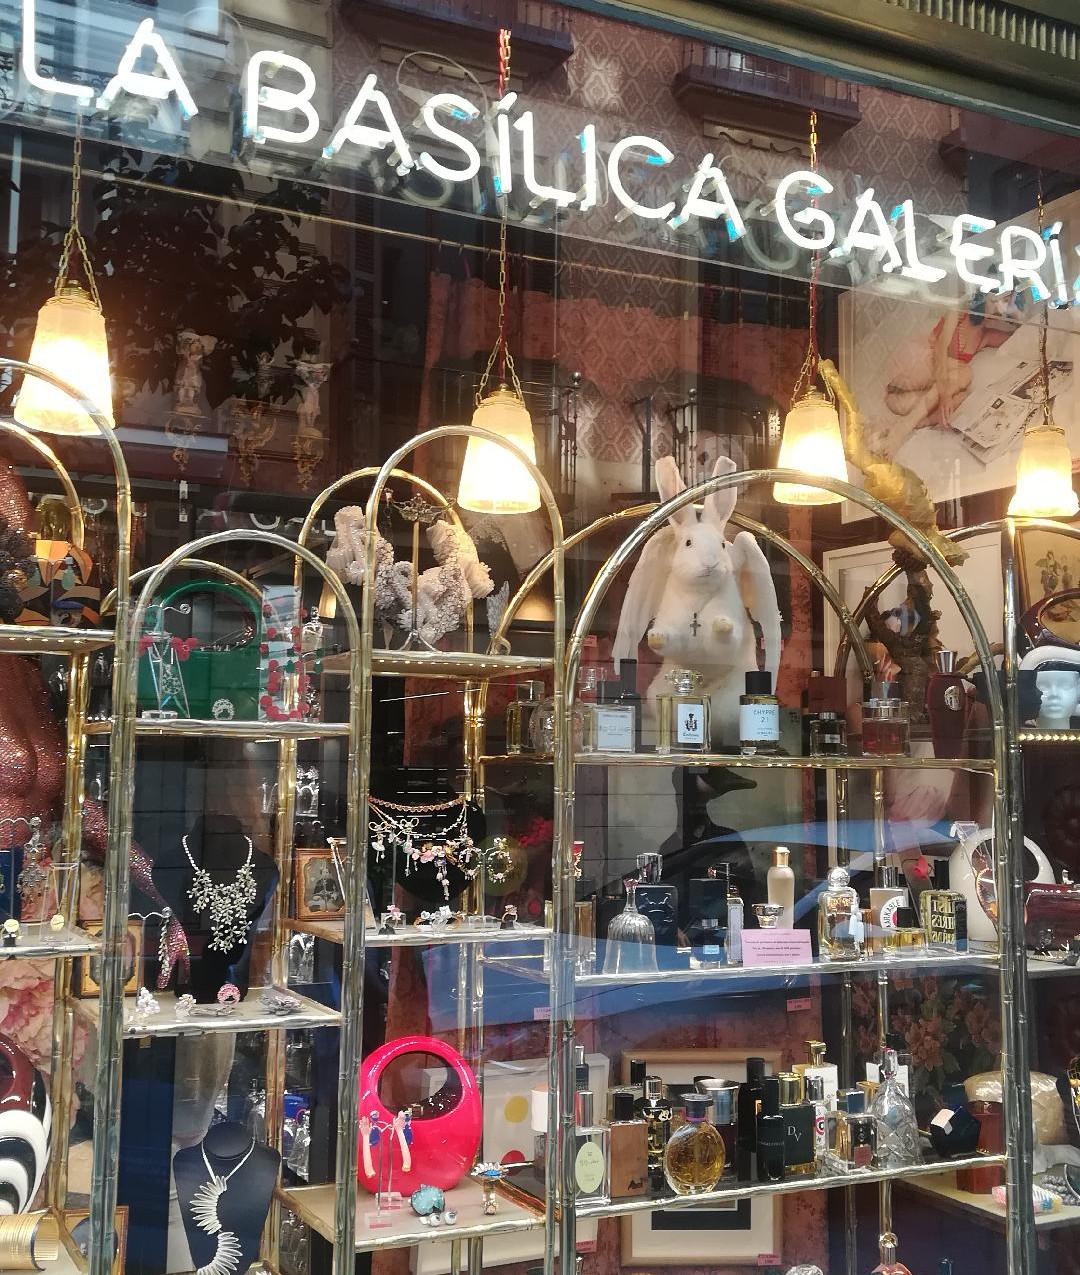 la-basilica-galeria-madrid-14